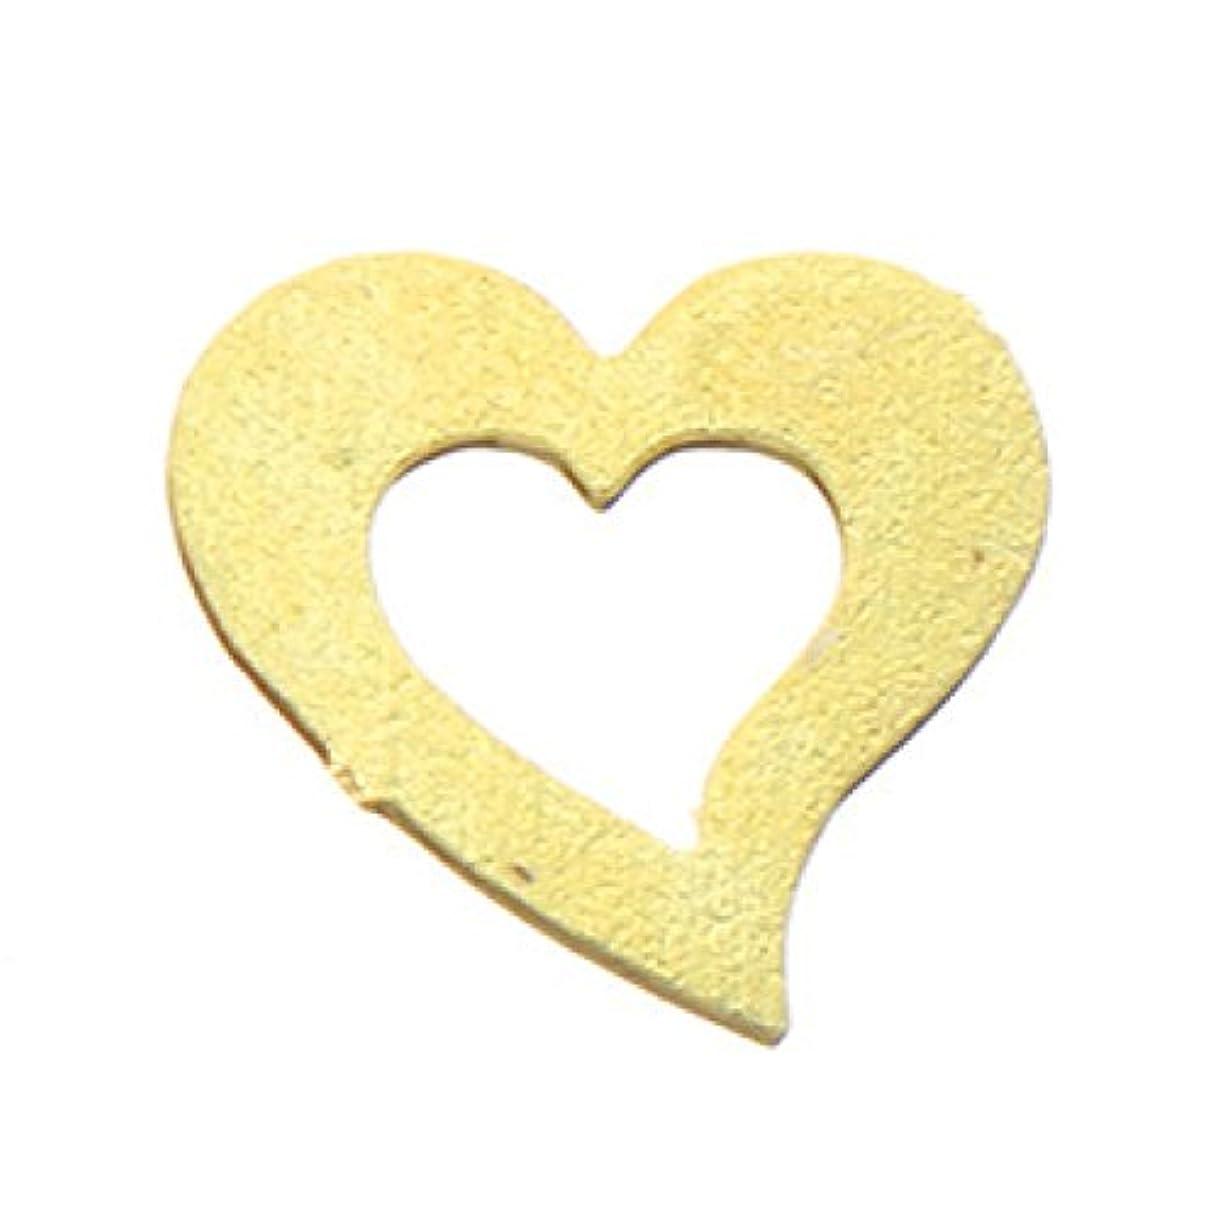 苦行唯物論リンクメタルプレート(ネイルストーン デコ)ハート (30個入り) ゴールド(ネイル用品)